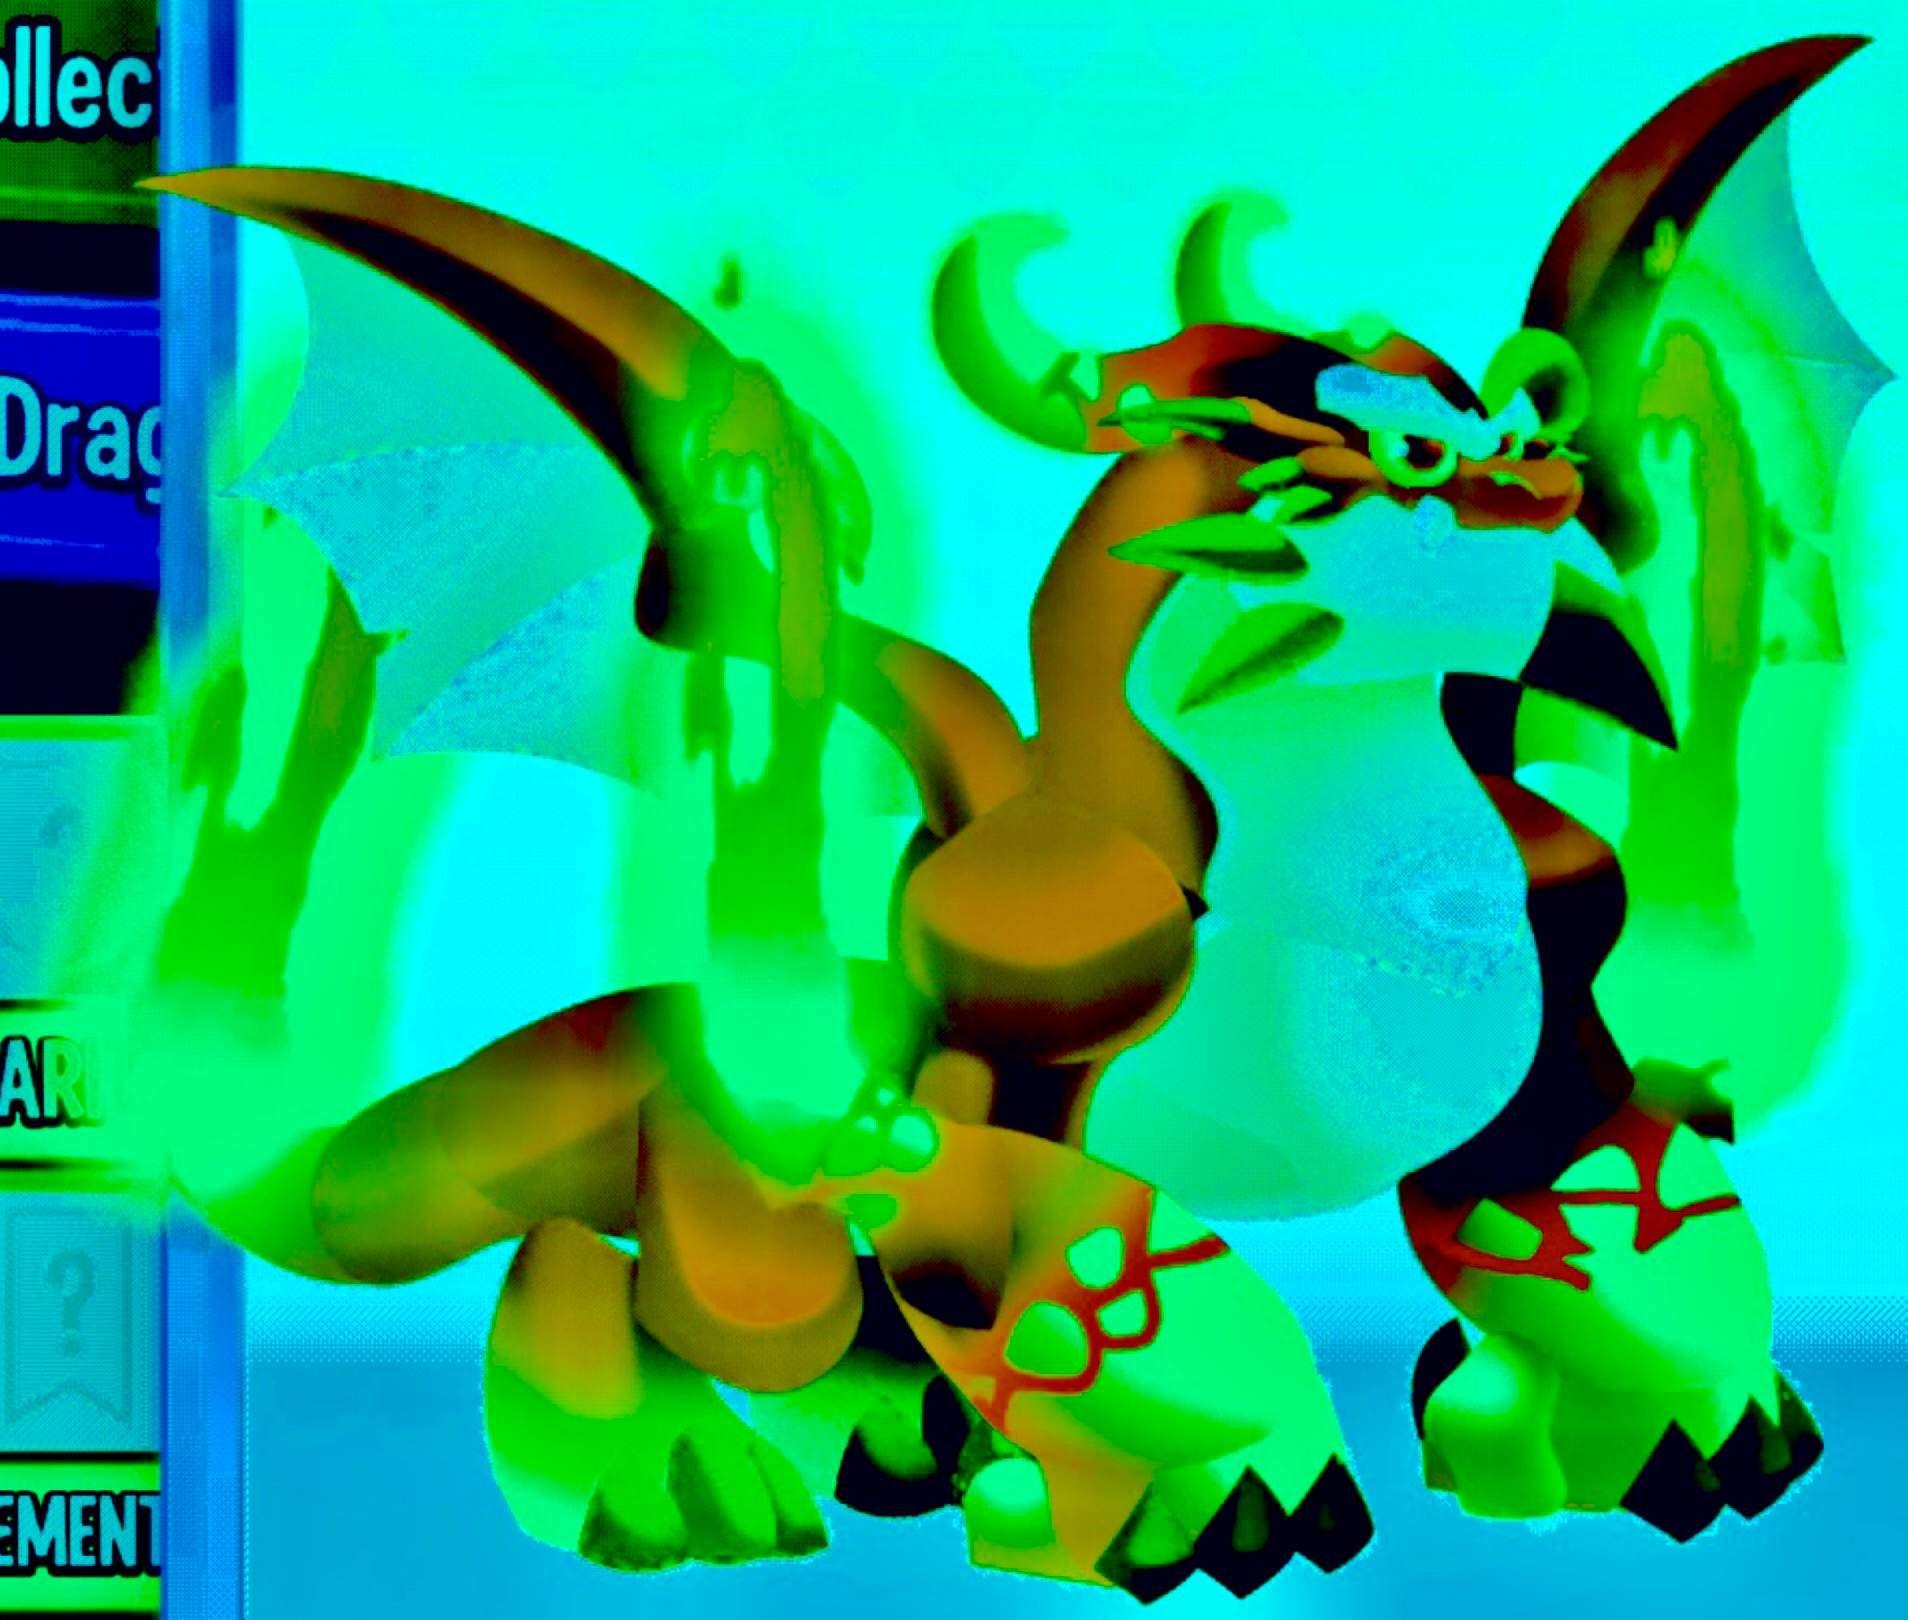 1_1600097150848_49693DF6-31FD-4D65-925F-E7ADC649CD2F.jpeg